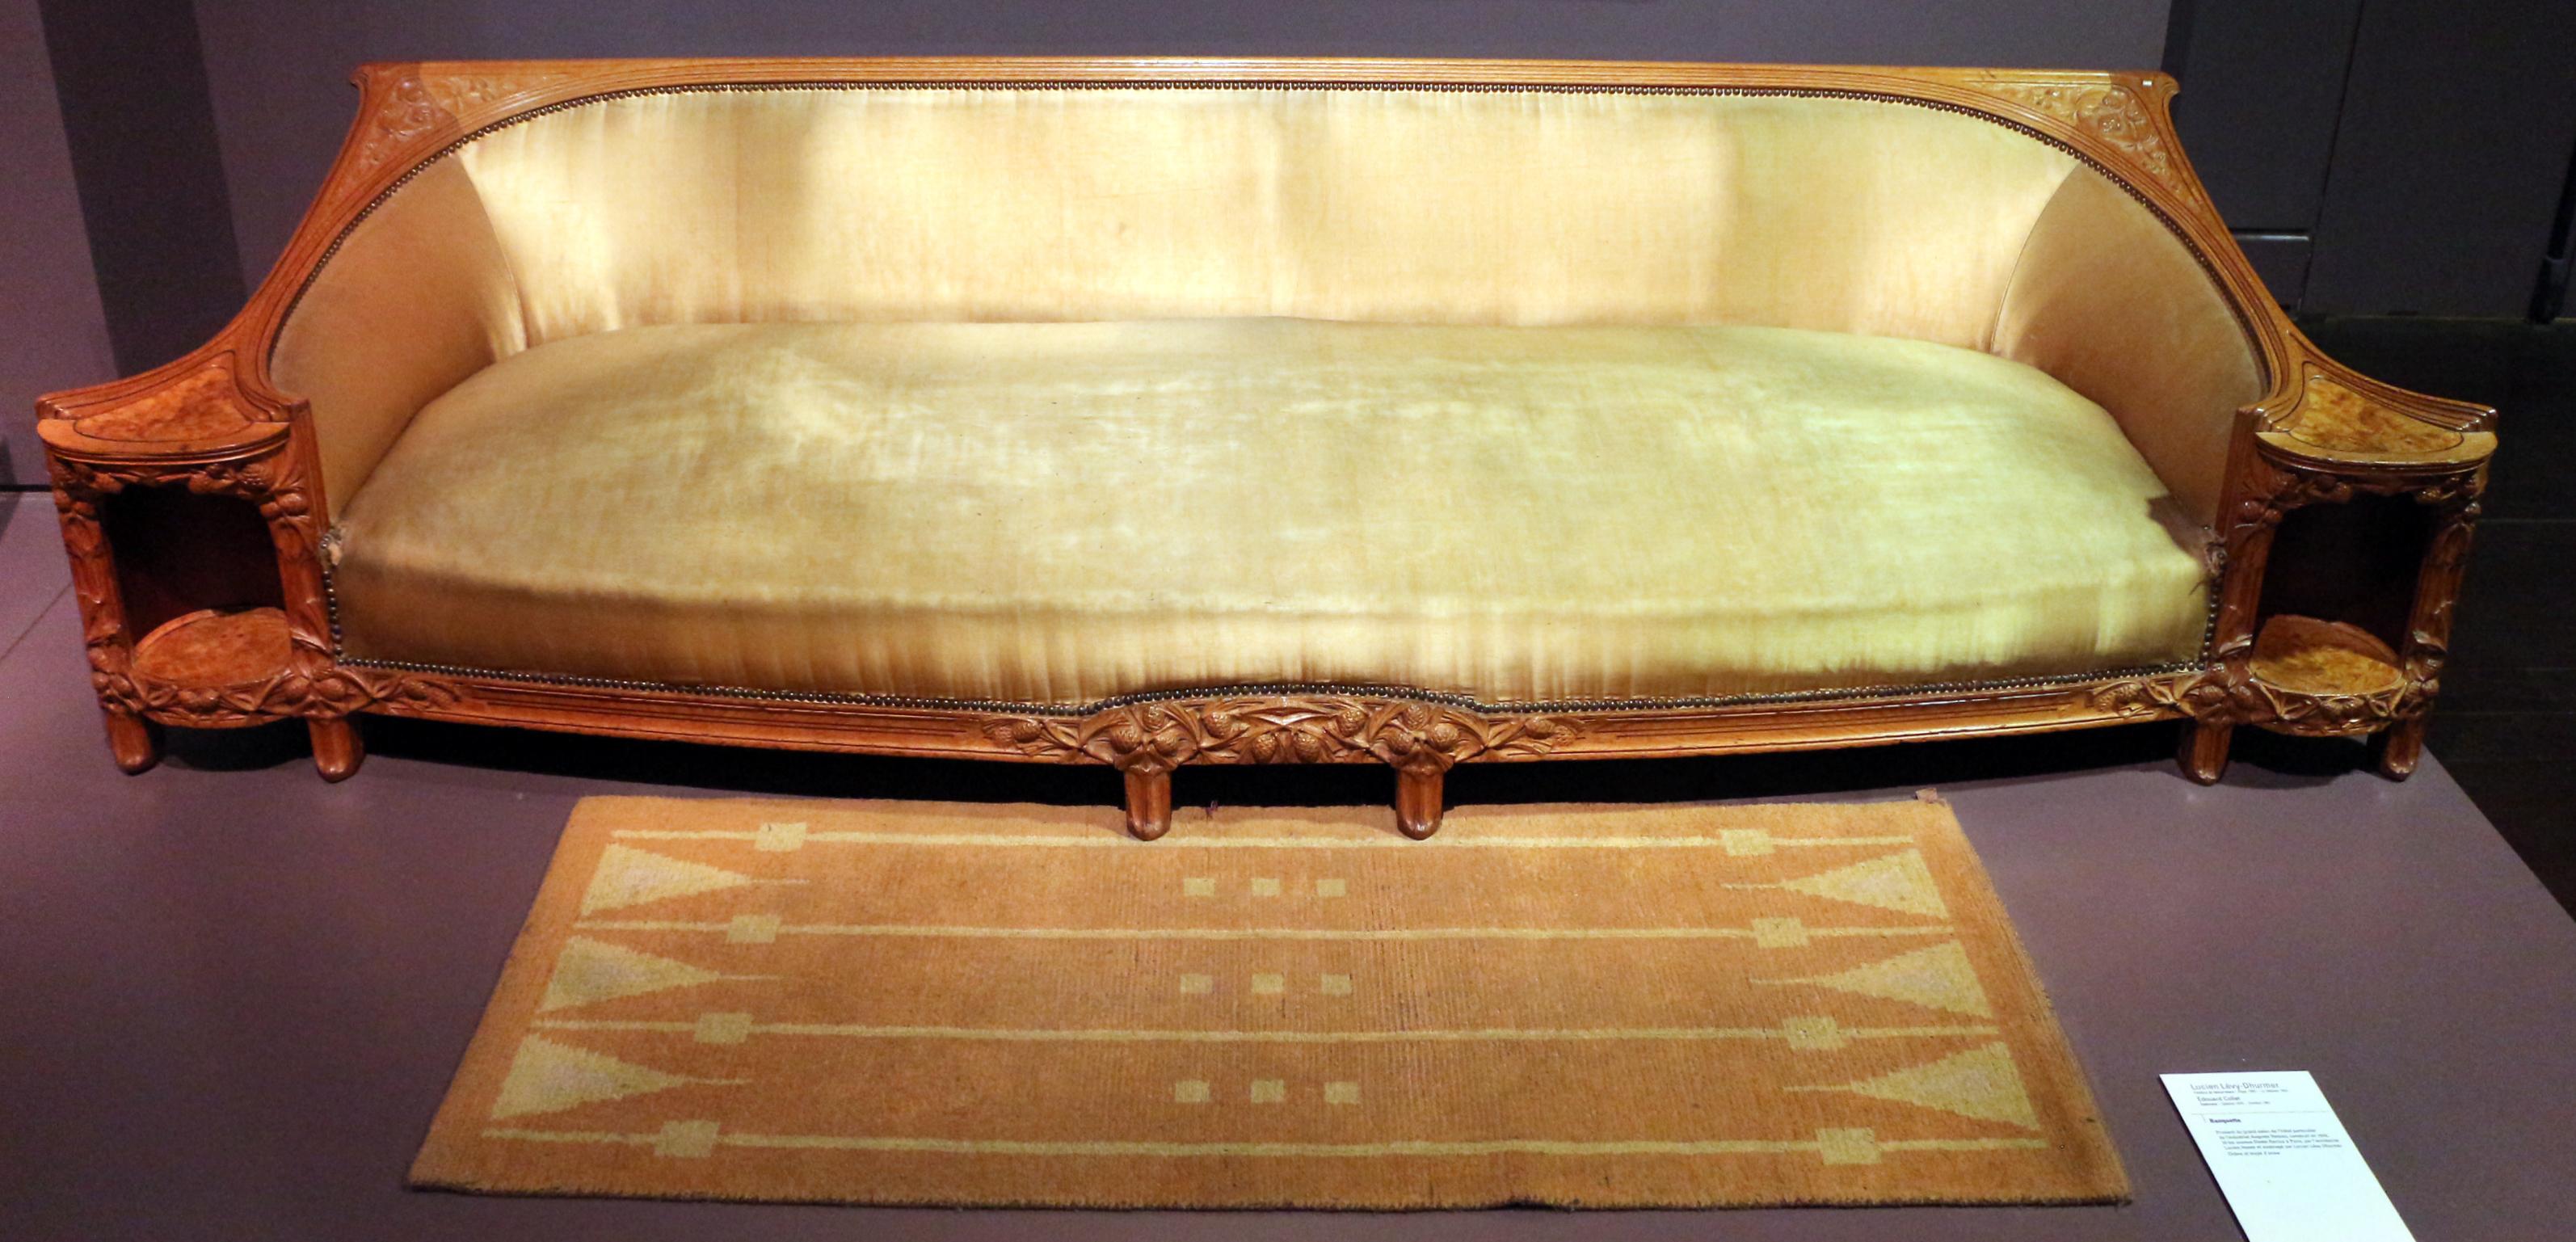 File lucien l vy dhurmer per douard collet divano 1910 - Tappeto di giunchi ...